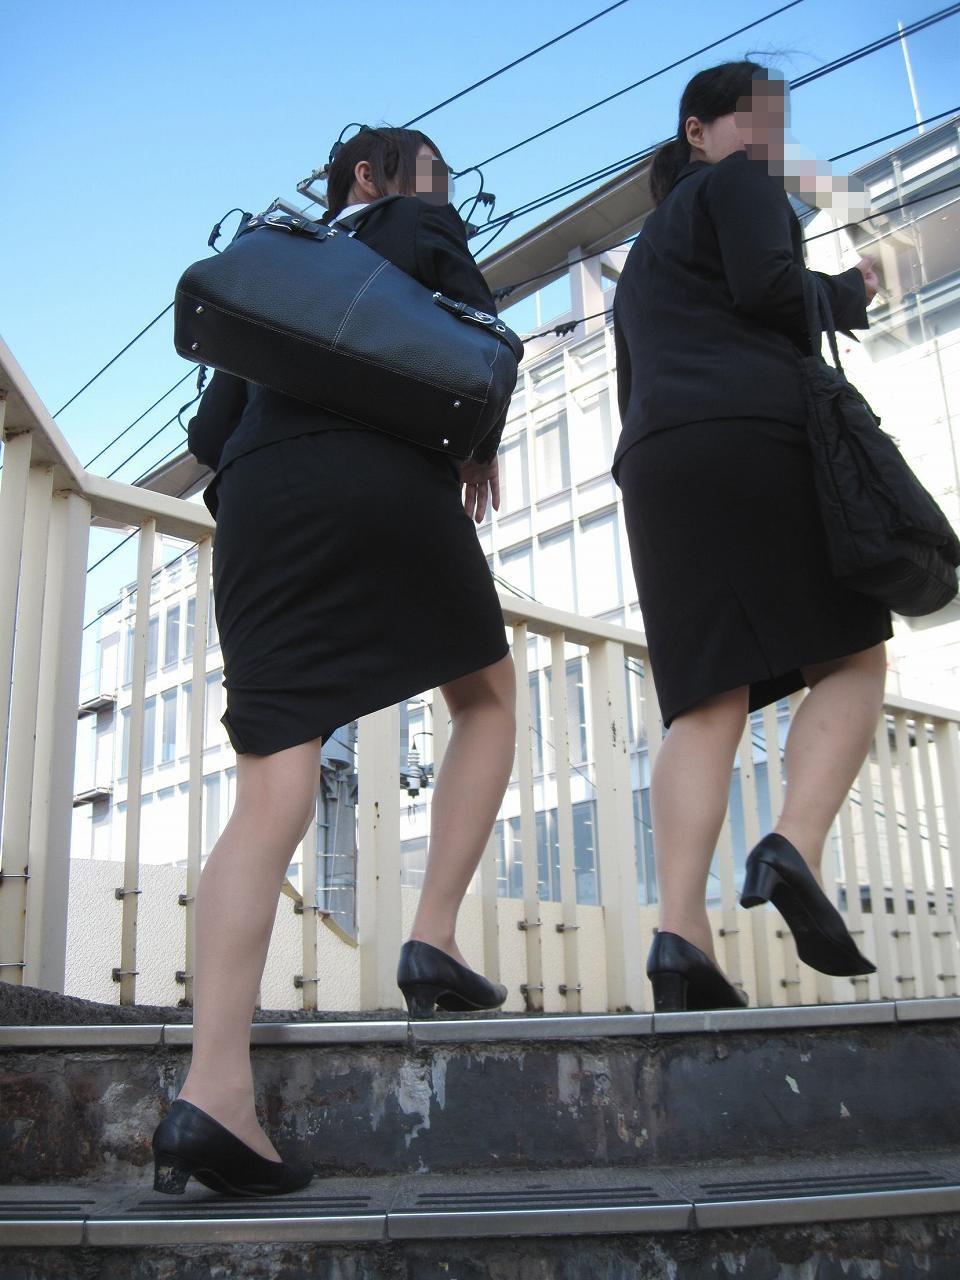 リクルートスーツのお姉さんの街撮り画像だぁーwwwお尻プリプリで最高だぜぇーwww GSp9B6cFZvZKT0CU